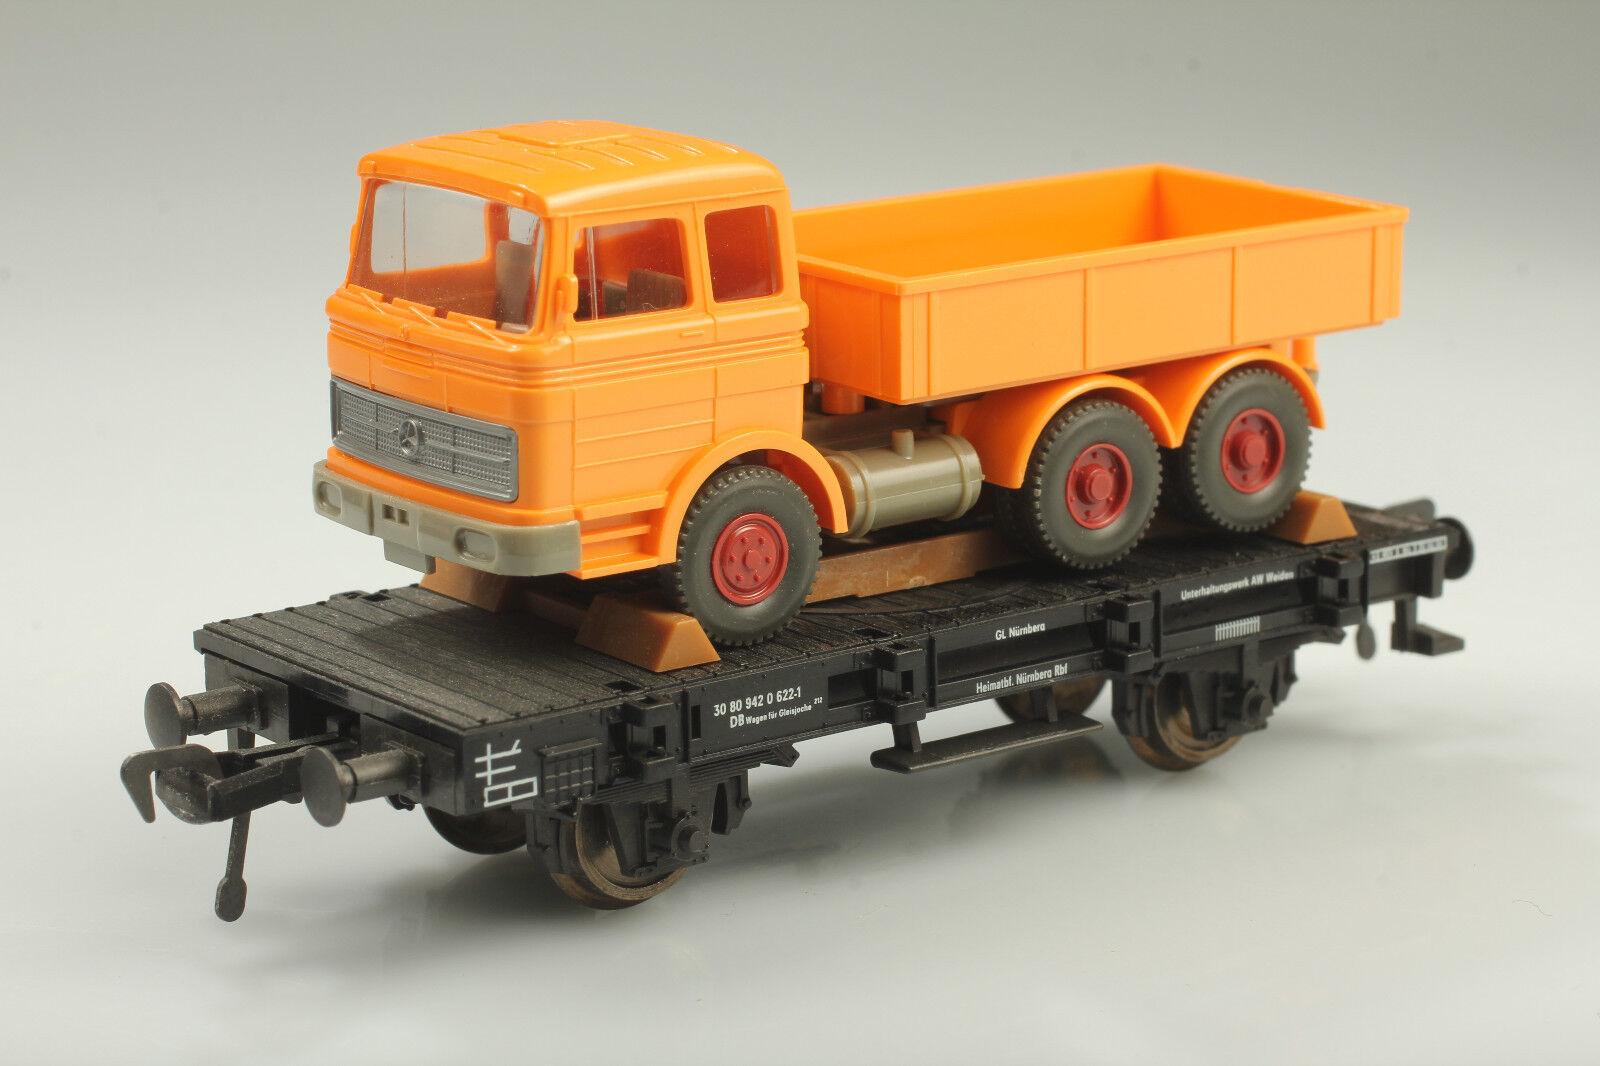 H0 Fleischmann 5219 Bonita Vagón silverforma con MB Camión Db 942 0 622-1